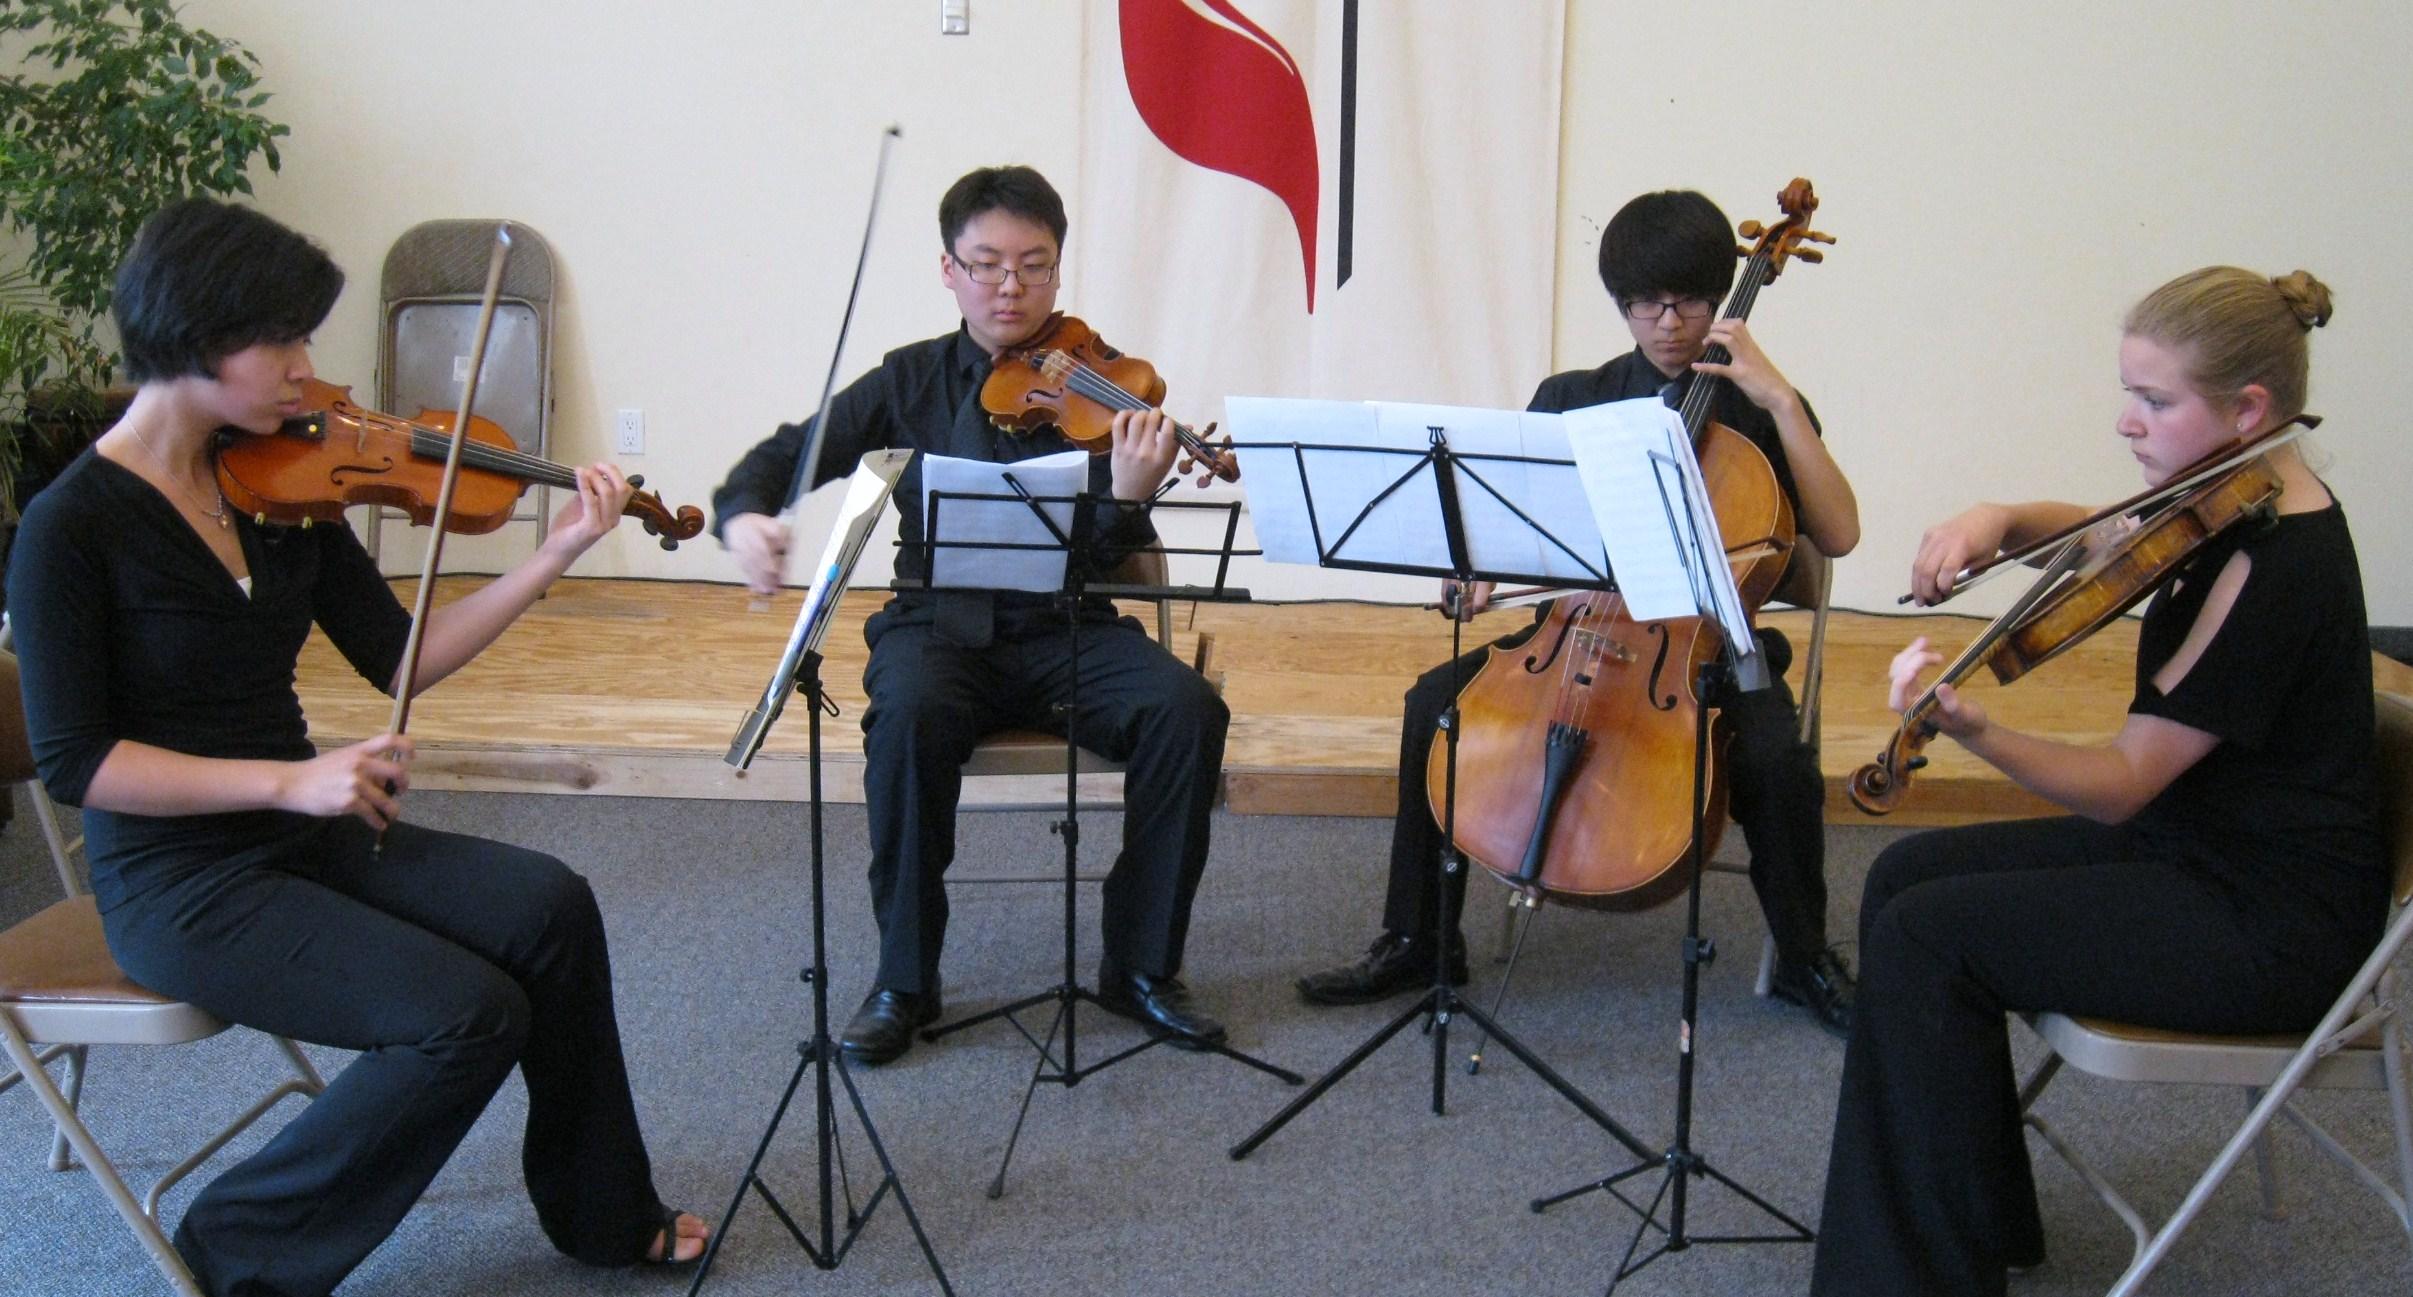 Rehearsing the Smetana String Quartet